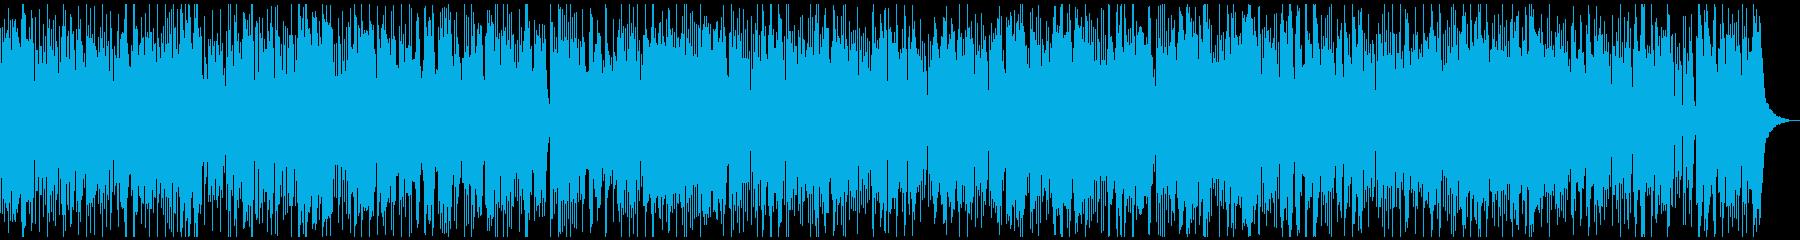 テンションの均一なテクノ系のBGMです。の再生済みの波形